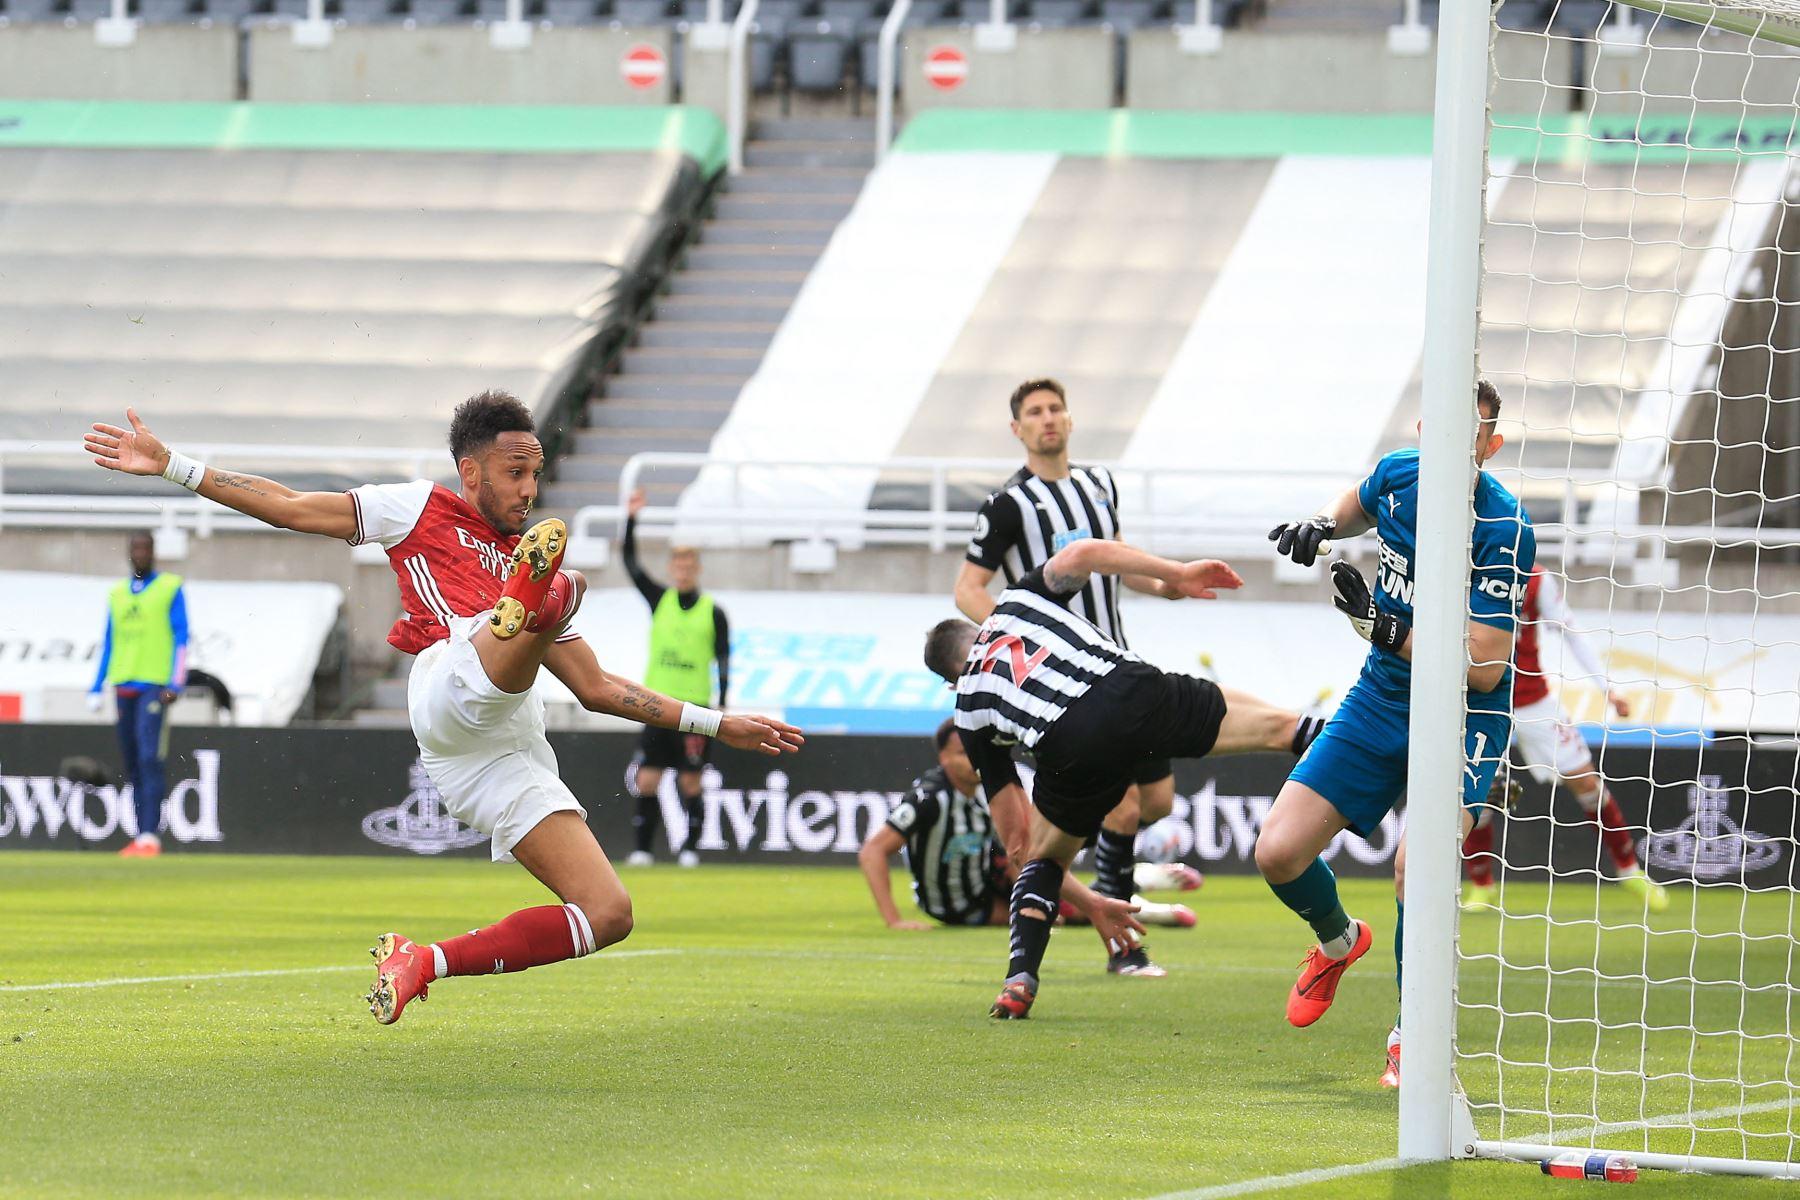 El delantero gabonés del Arsenal Pierre-Emerick Aubameyang anota el segundo gol de su equipo durante el partido de fútbol de la Premier League inglesa entre el Newcastle United y el Arsenal. Foto: AFP